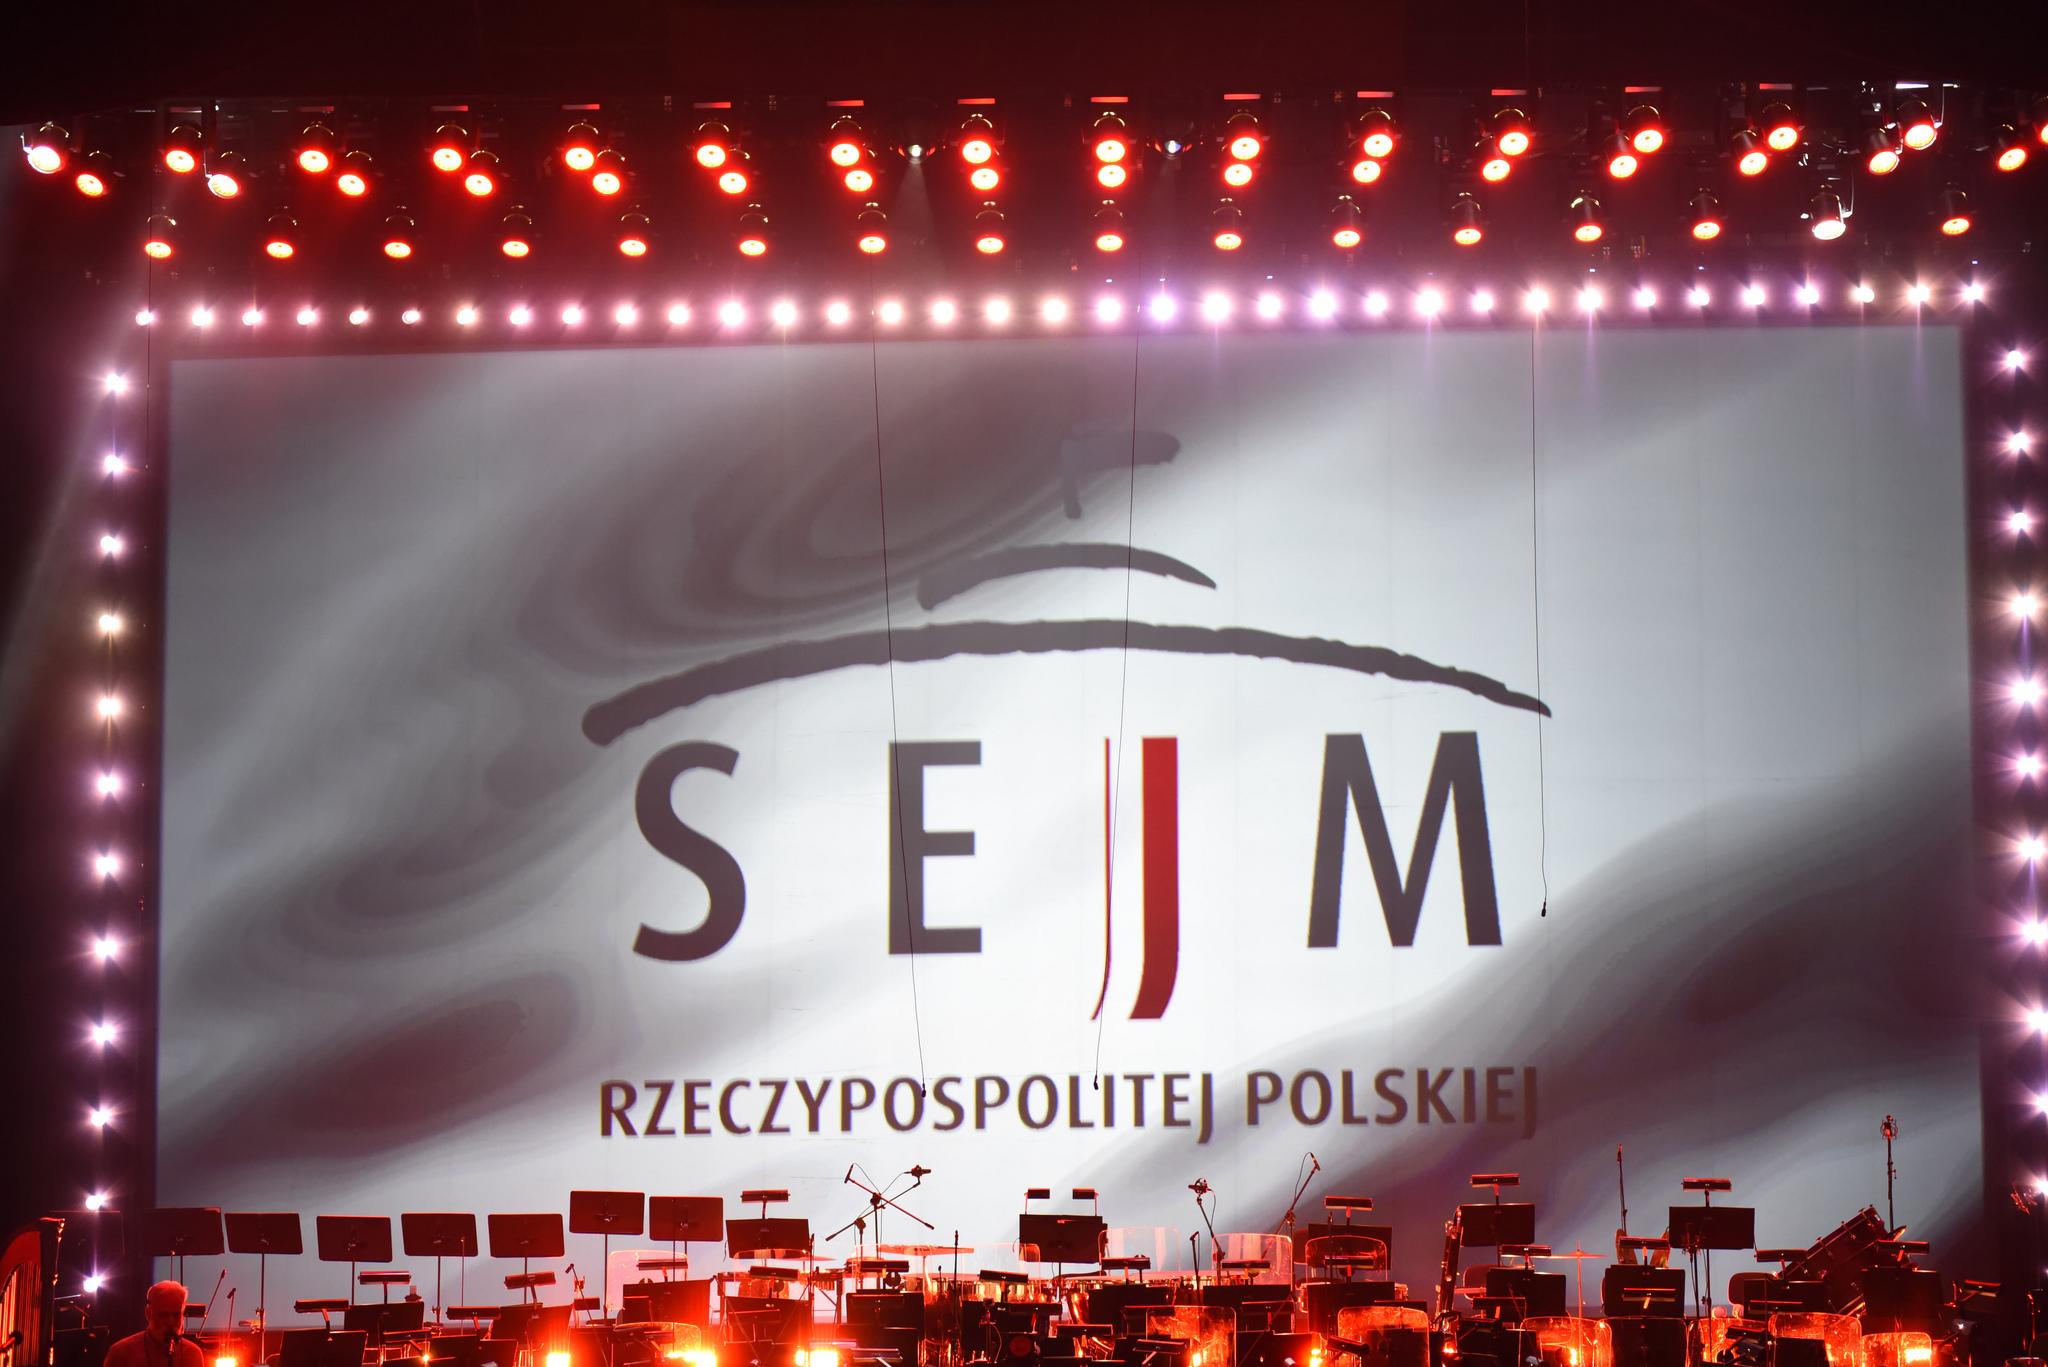 Logo Sejmu RP w czasie uroczystego koncert w Teatrze Wielkim z okazji 100-lecia Sejmu Ustawodawczego (fot. Marta Marchlewska/Kancelaria Sejmu/flickr.com/CC BY 2.0)